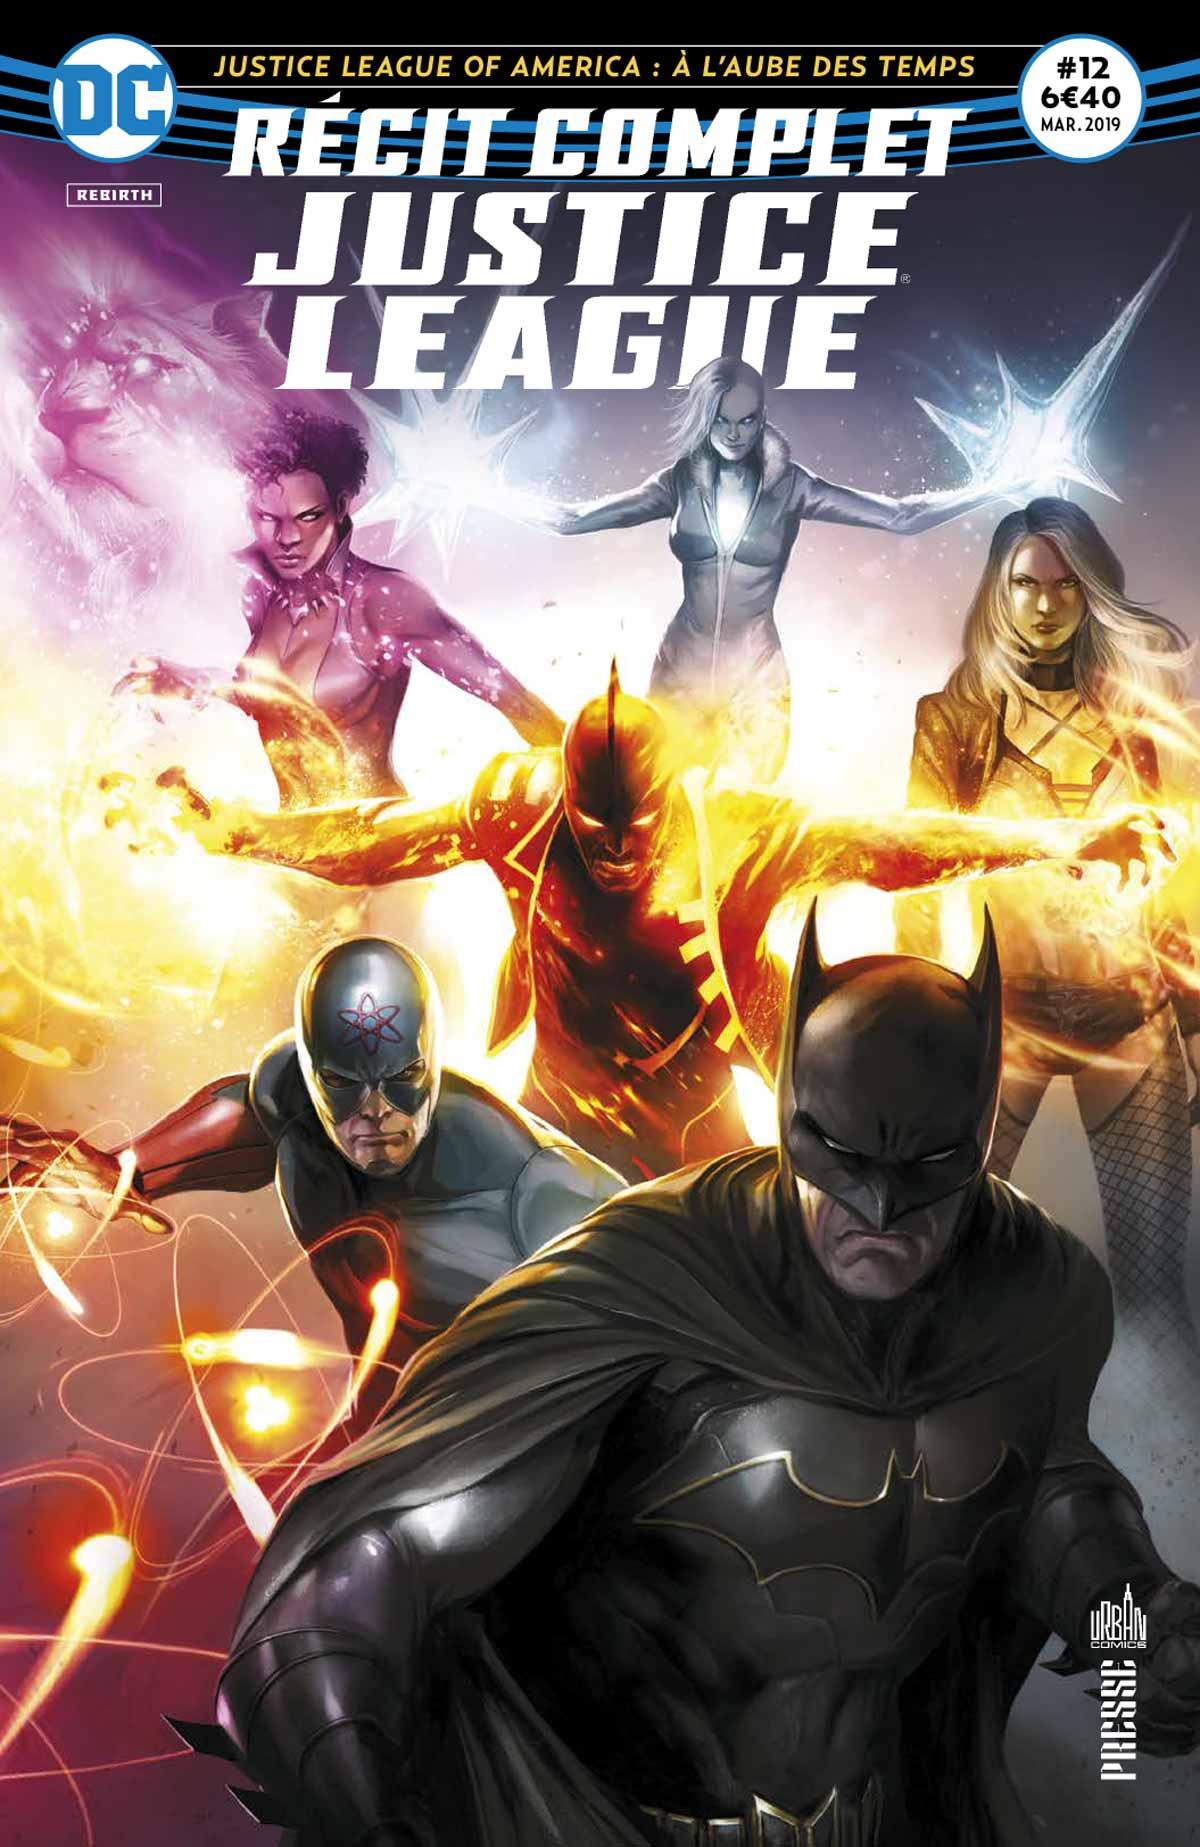 Recit Complet Justice League 12